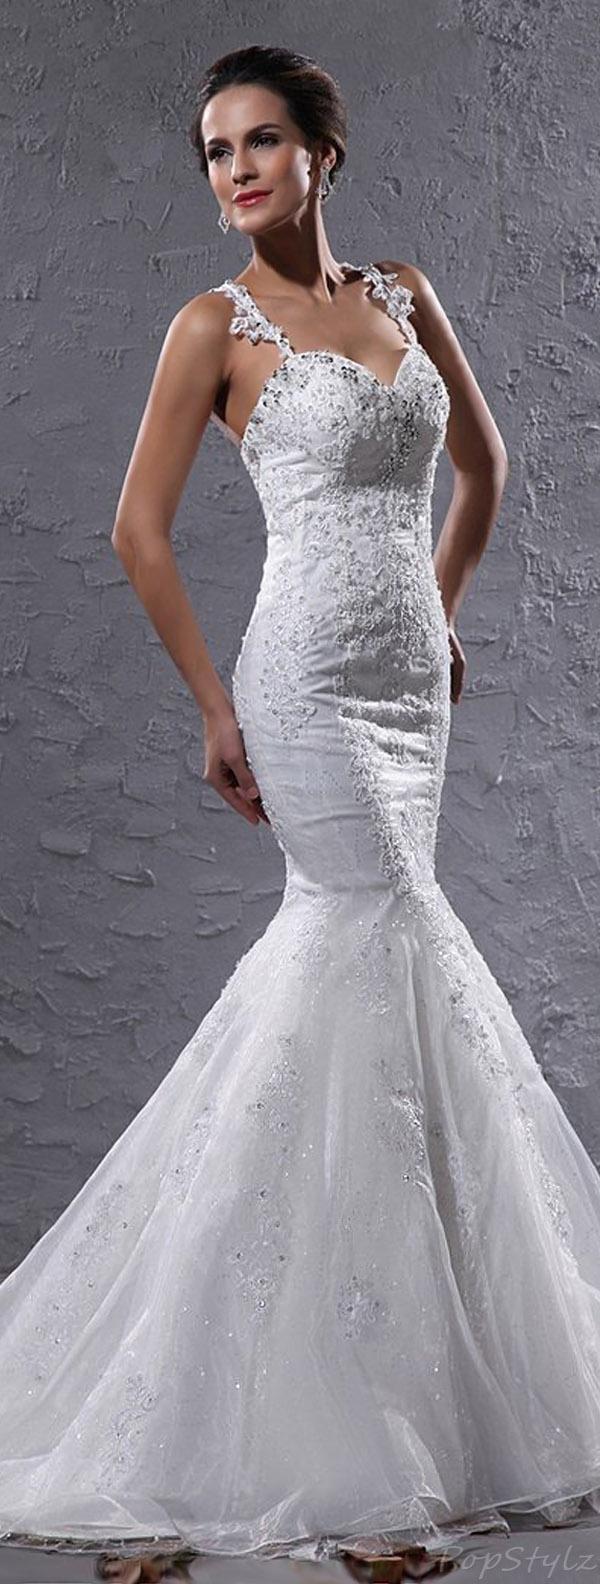 HoneeyGirl Lace Organza Mermaid Wedding Bridal Gown